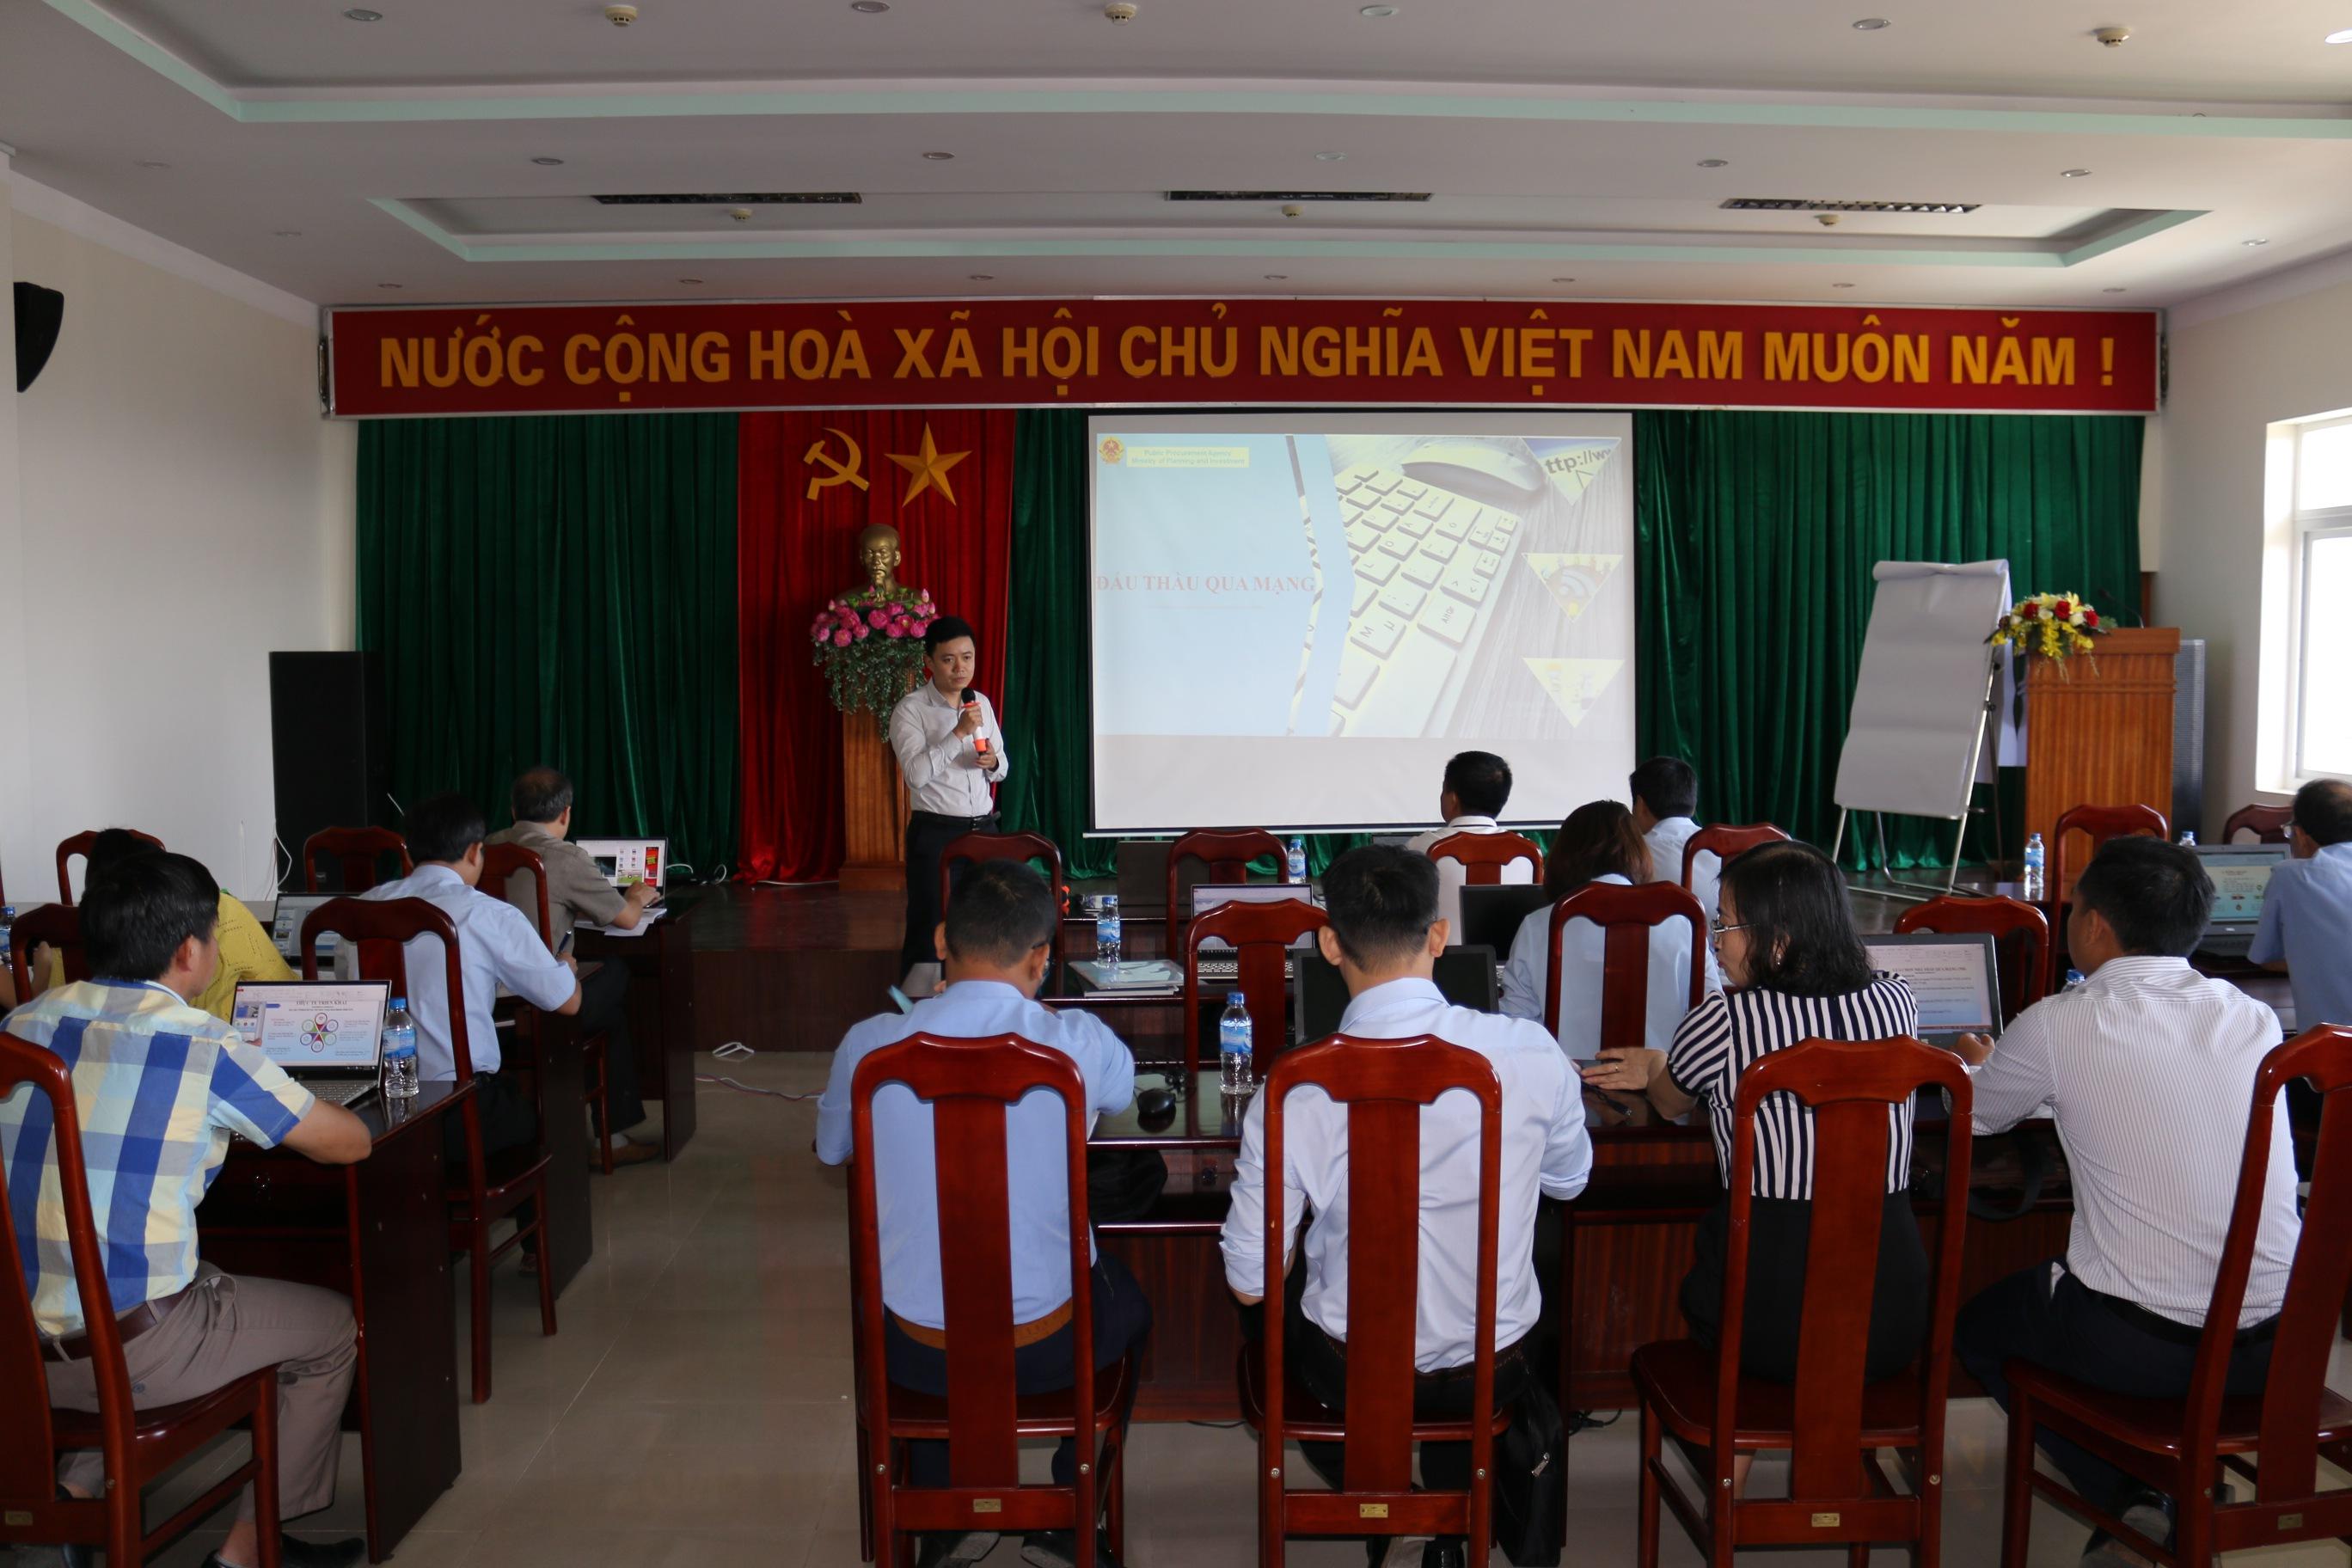 Sê San 3A tổ chức bồi dưỡng nghiệp vụ lựa chọn nhà thầu qua mạng